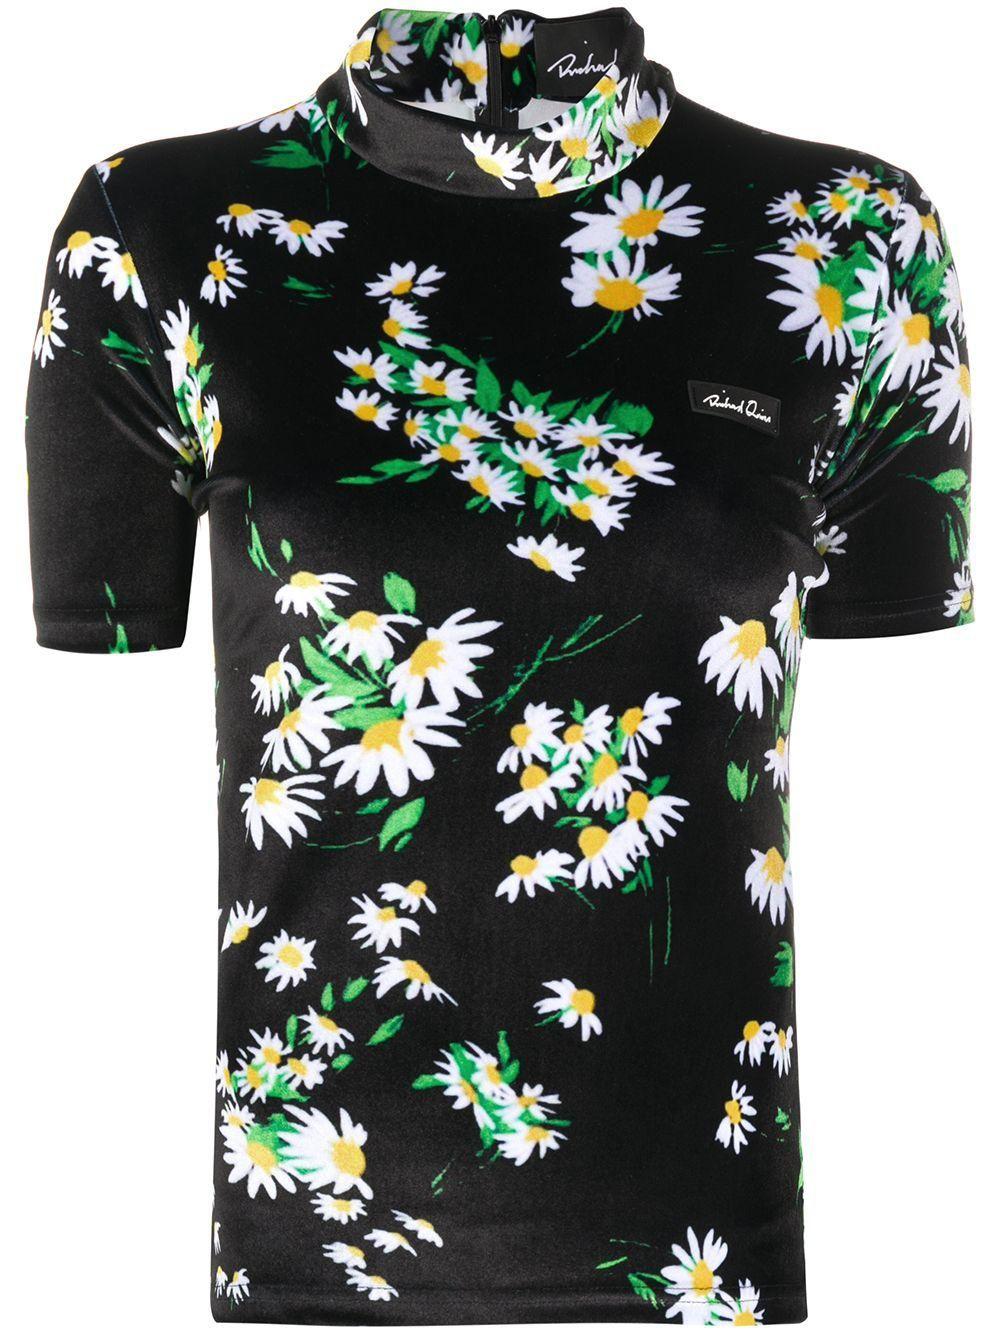 richard quinn daisy print t shirt